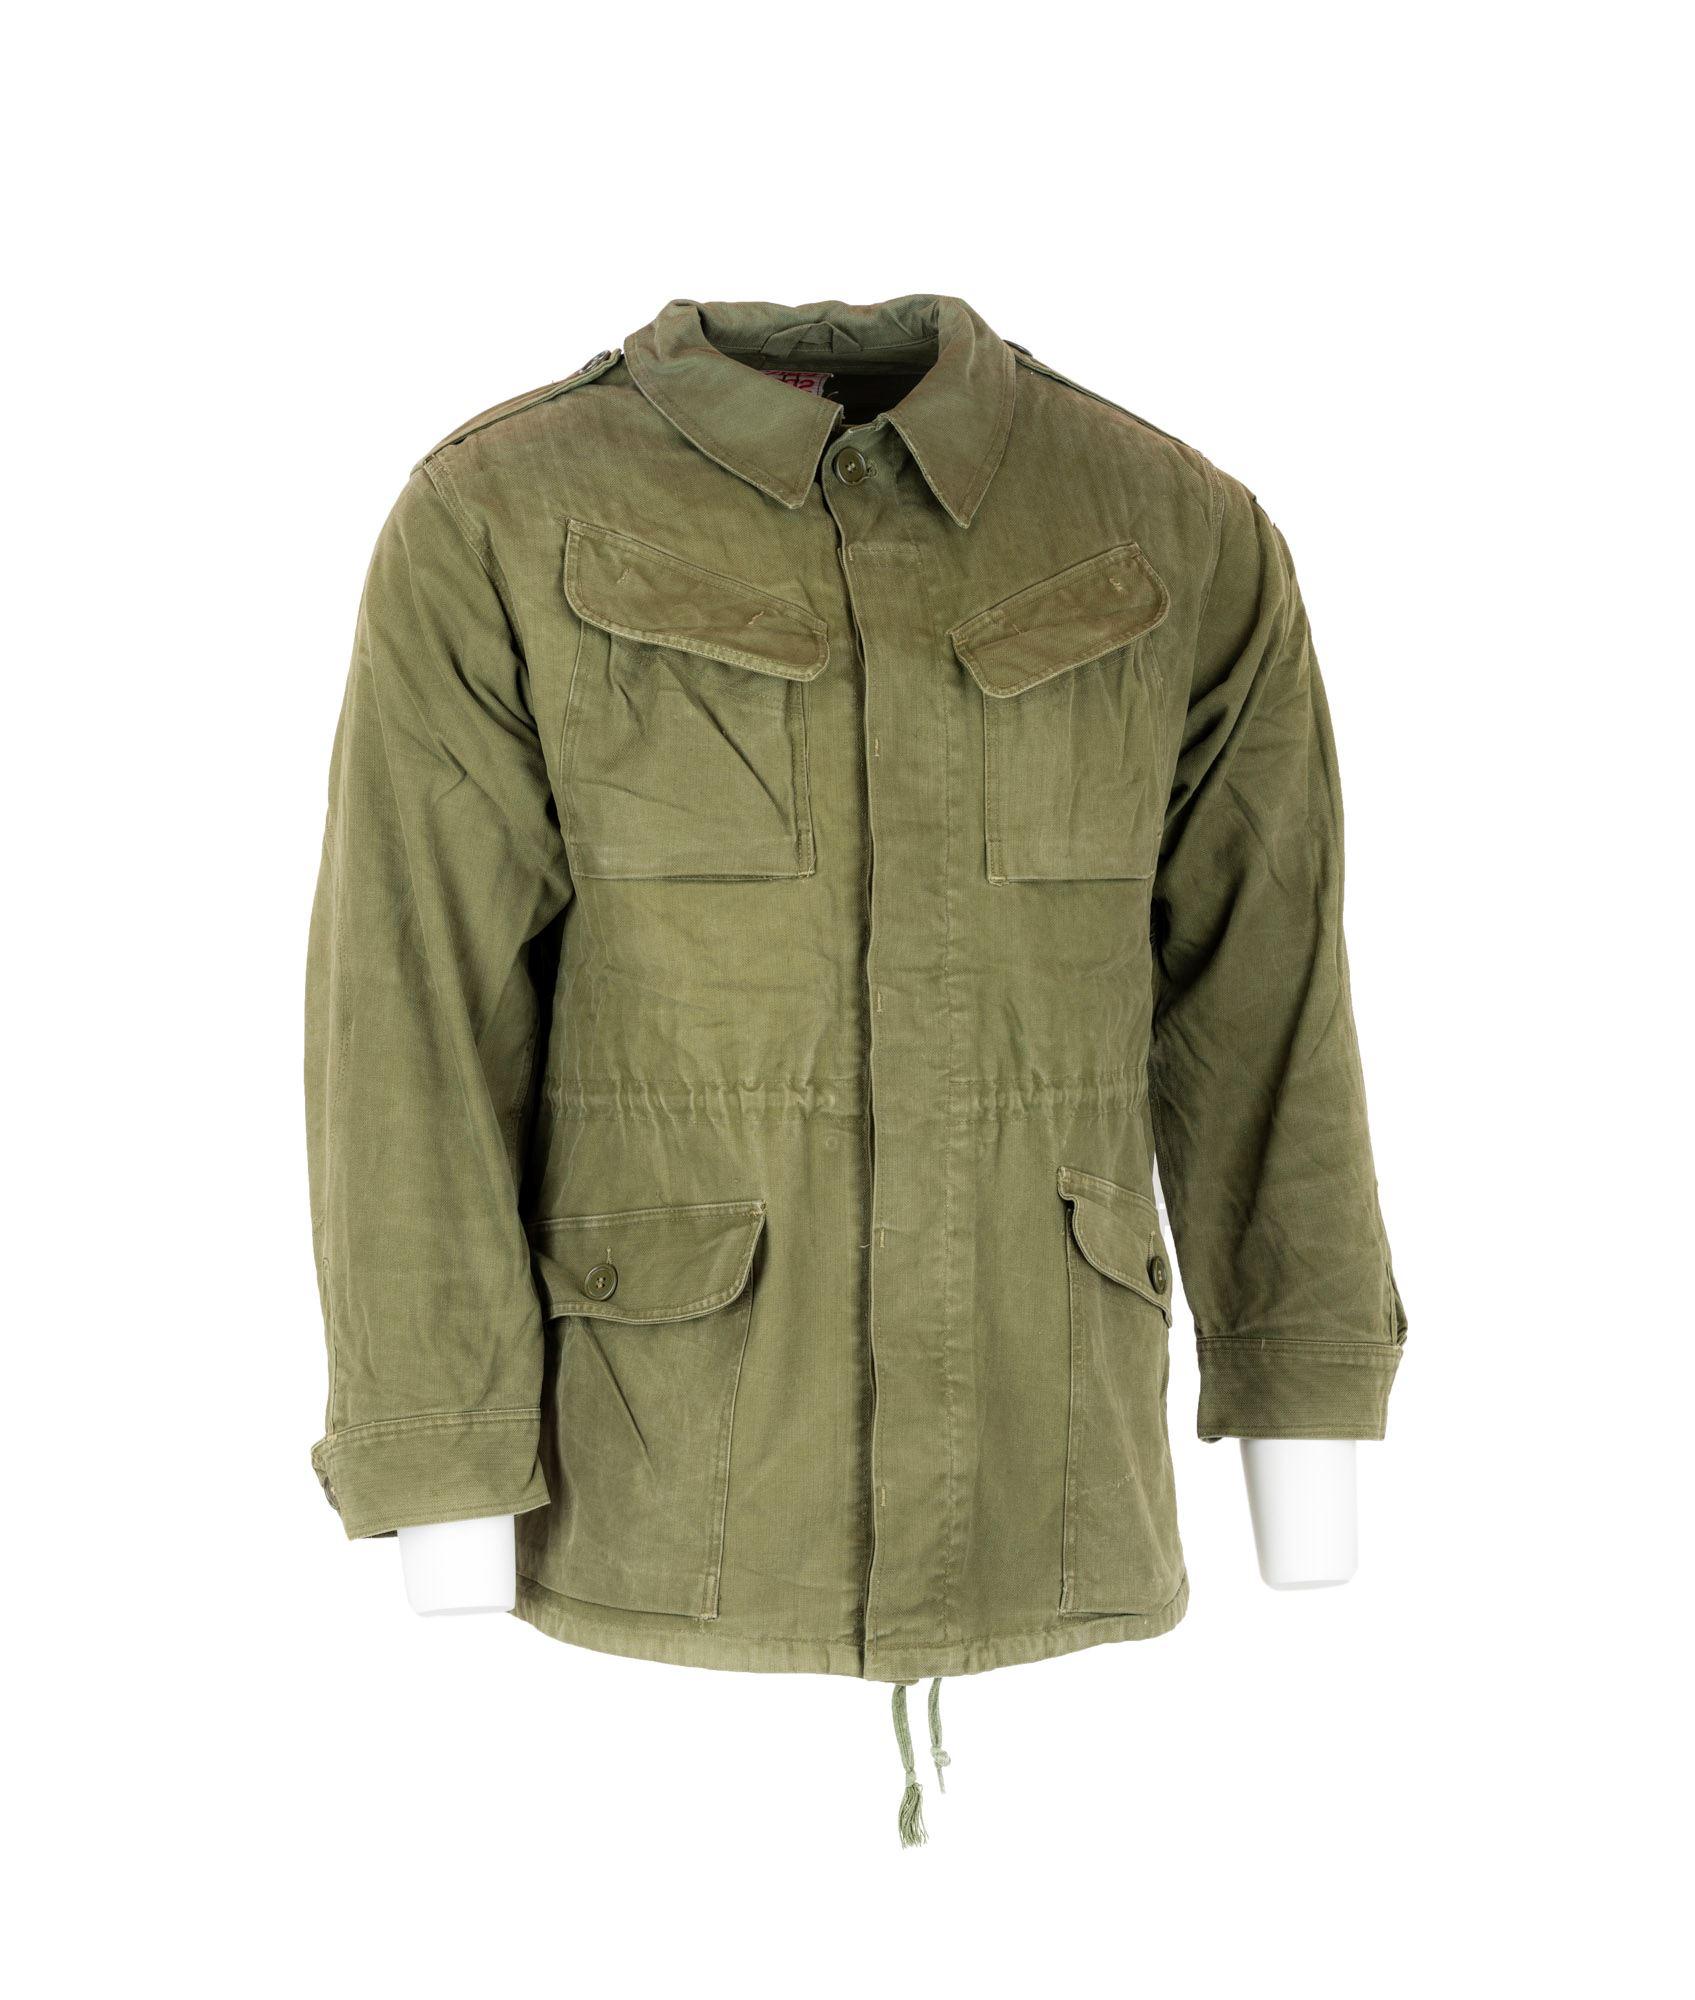 Militær jakke M58, grøn, brugt